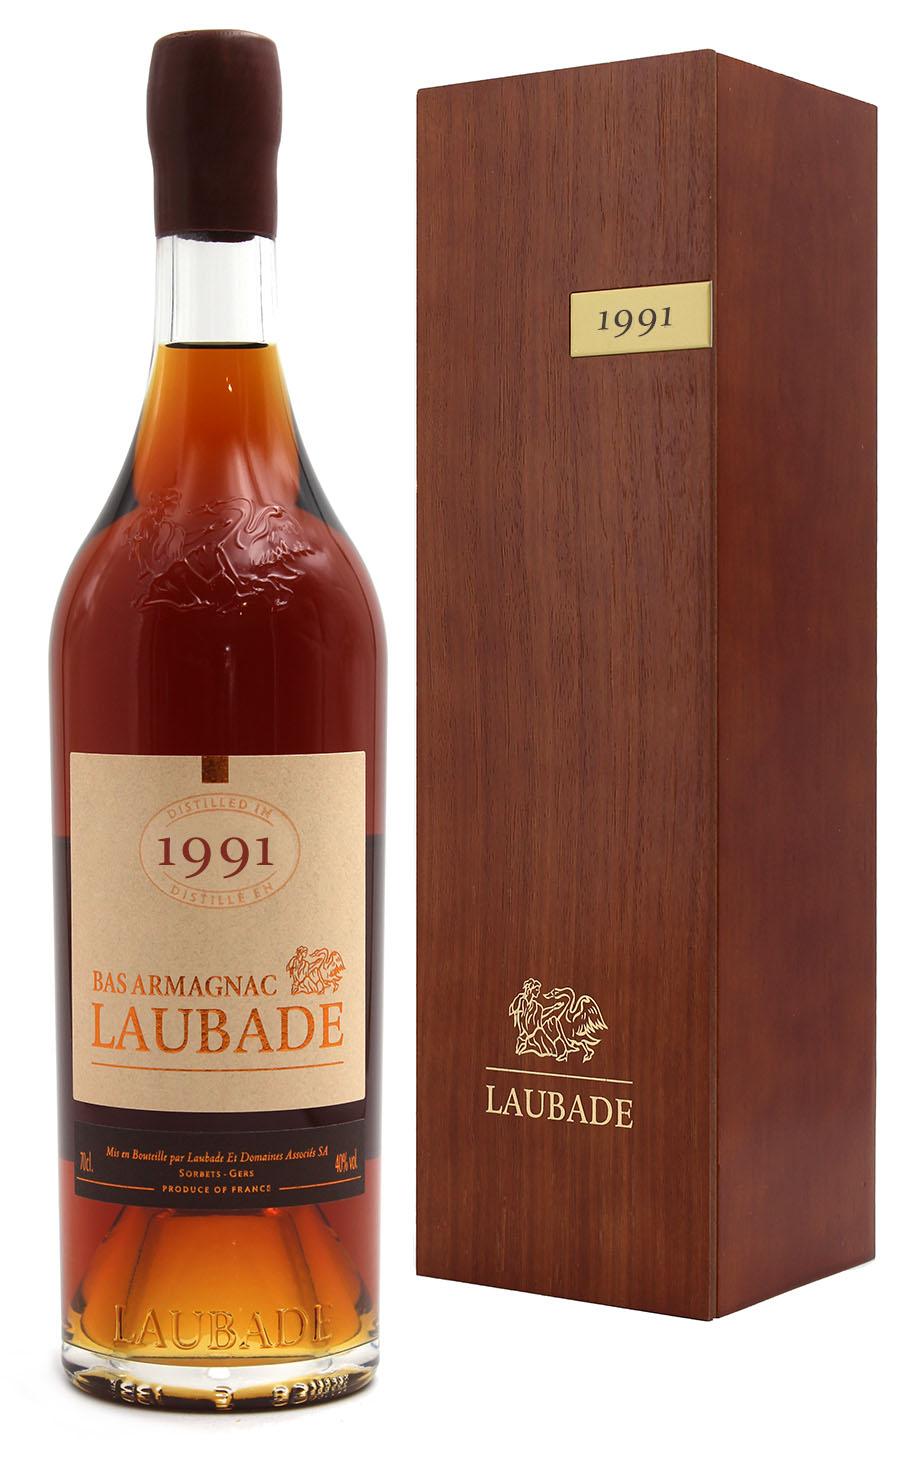 Bas Armagnac Laubade 1991  - 70cl